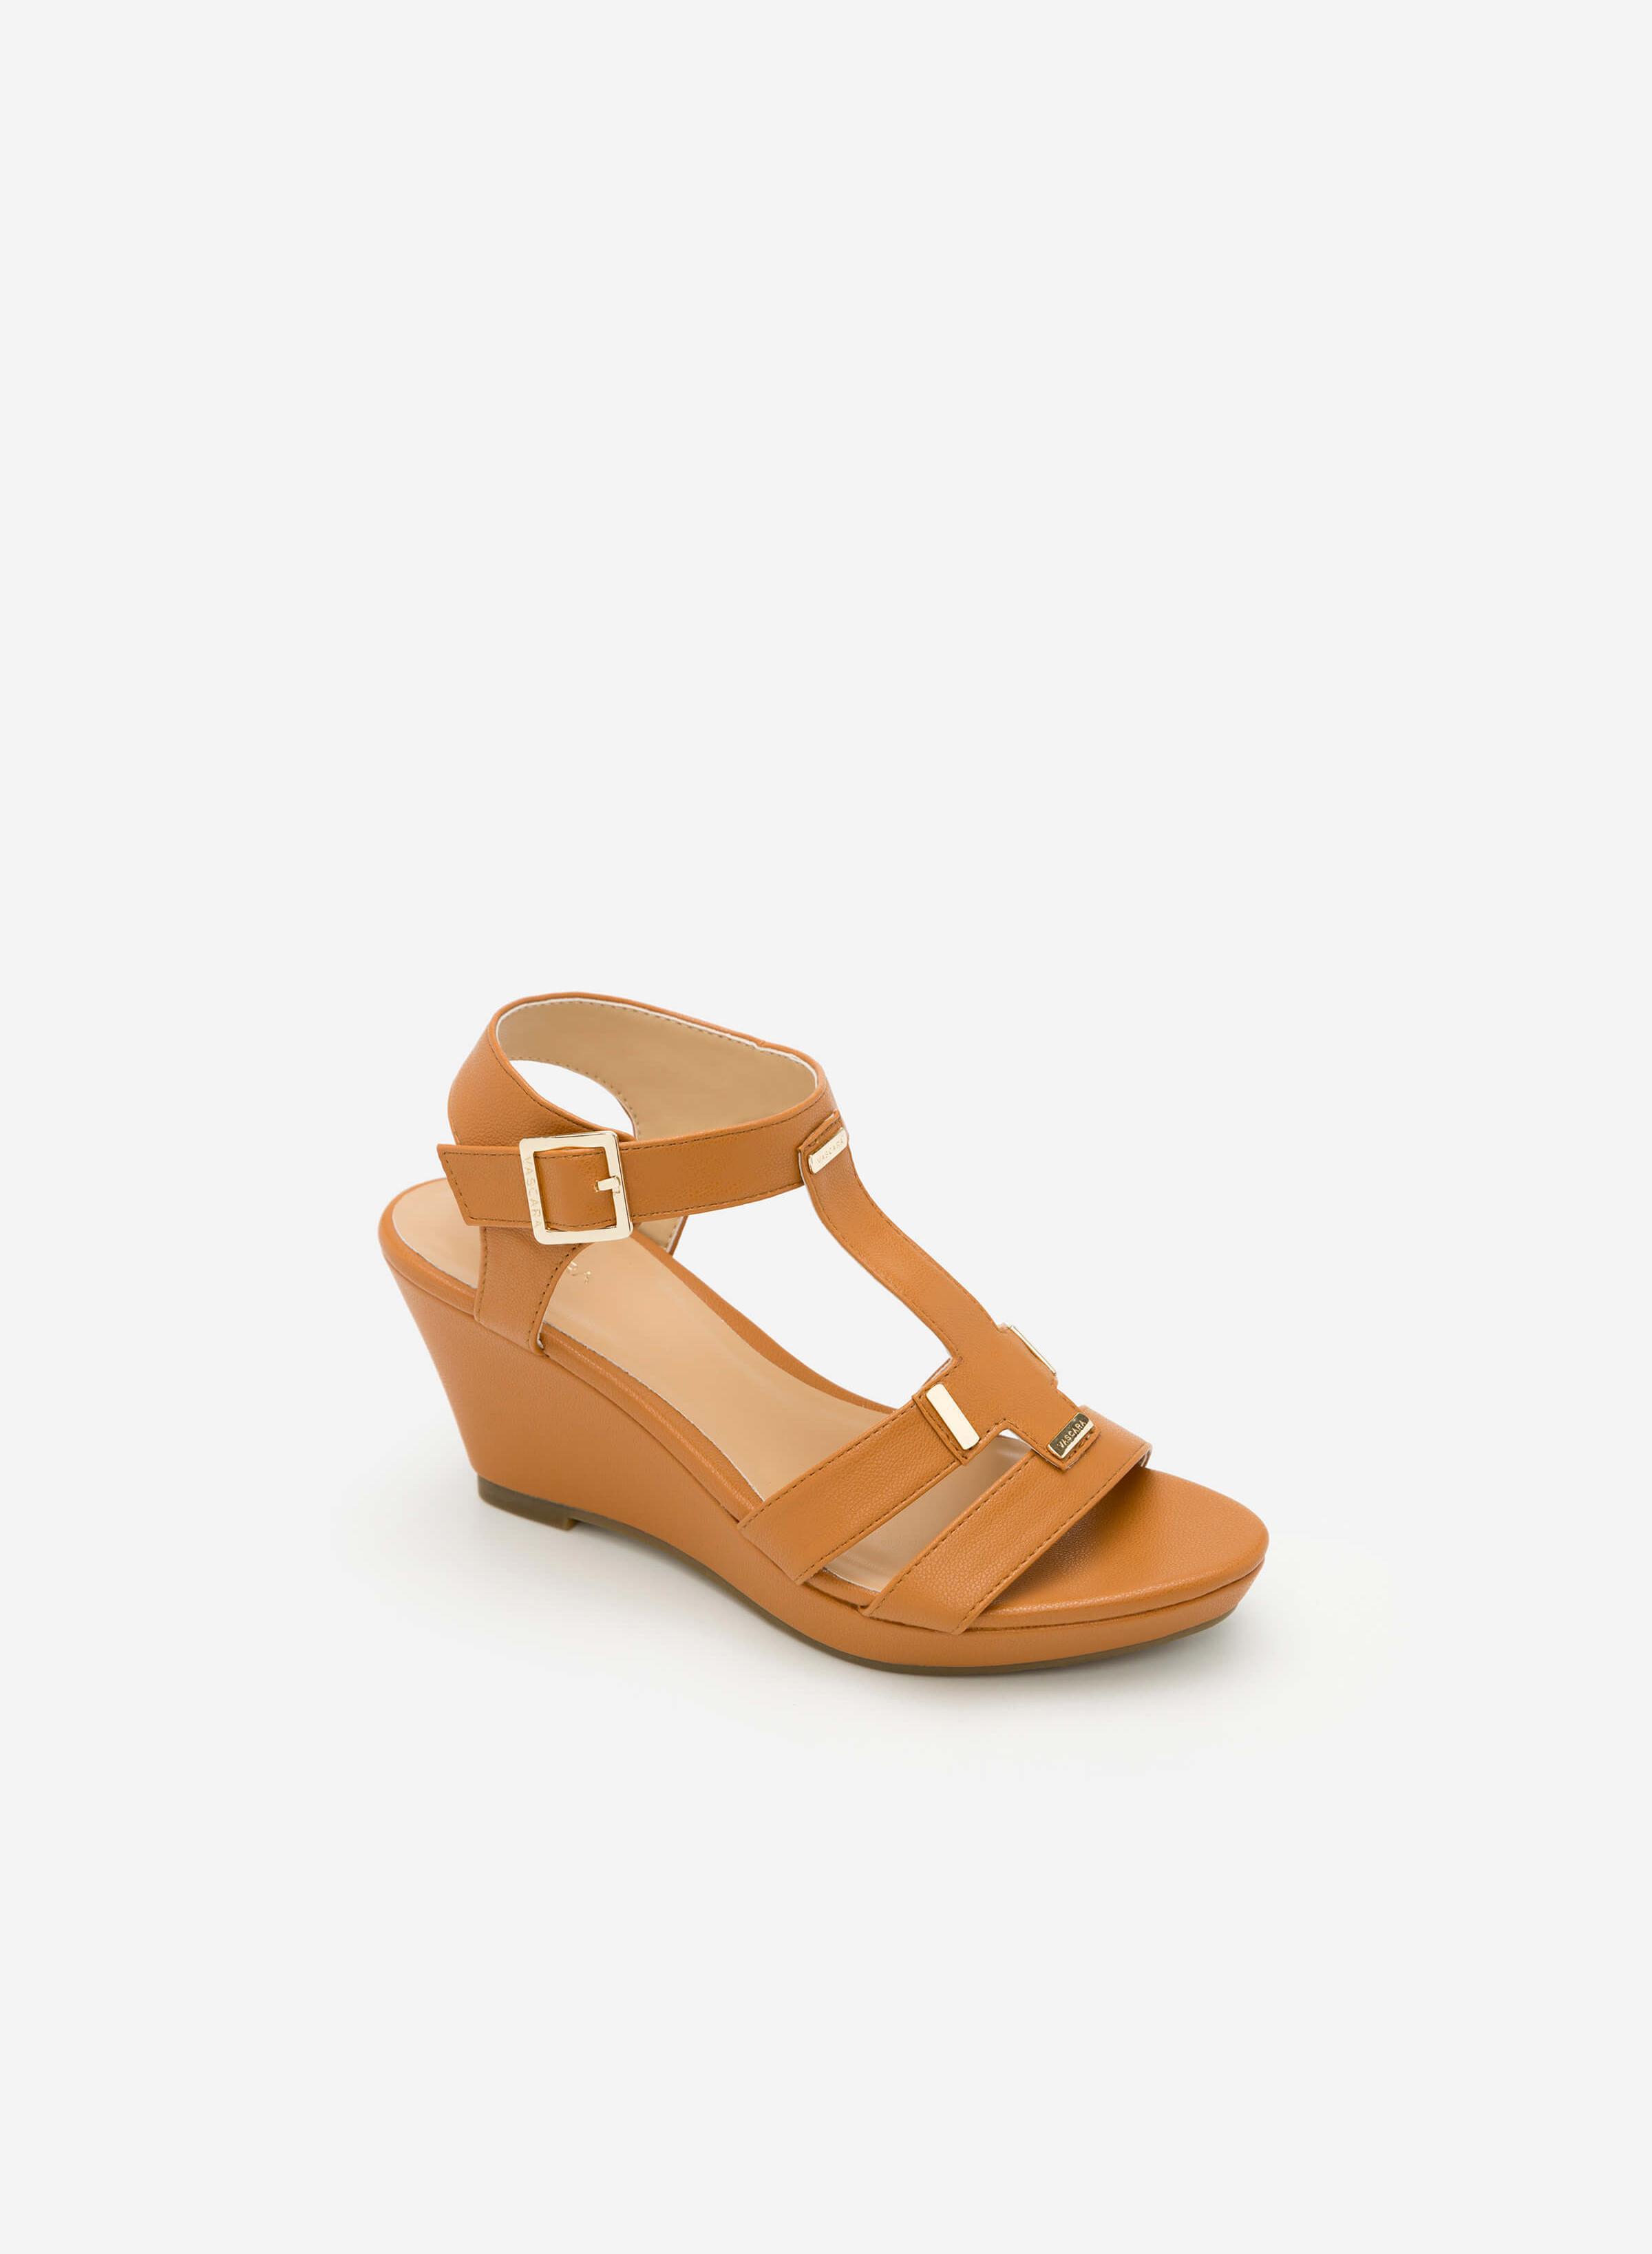 Giày Sandal Cao Đế Xuồng - Màu Nâu - SDX 0402 Vascara